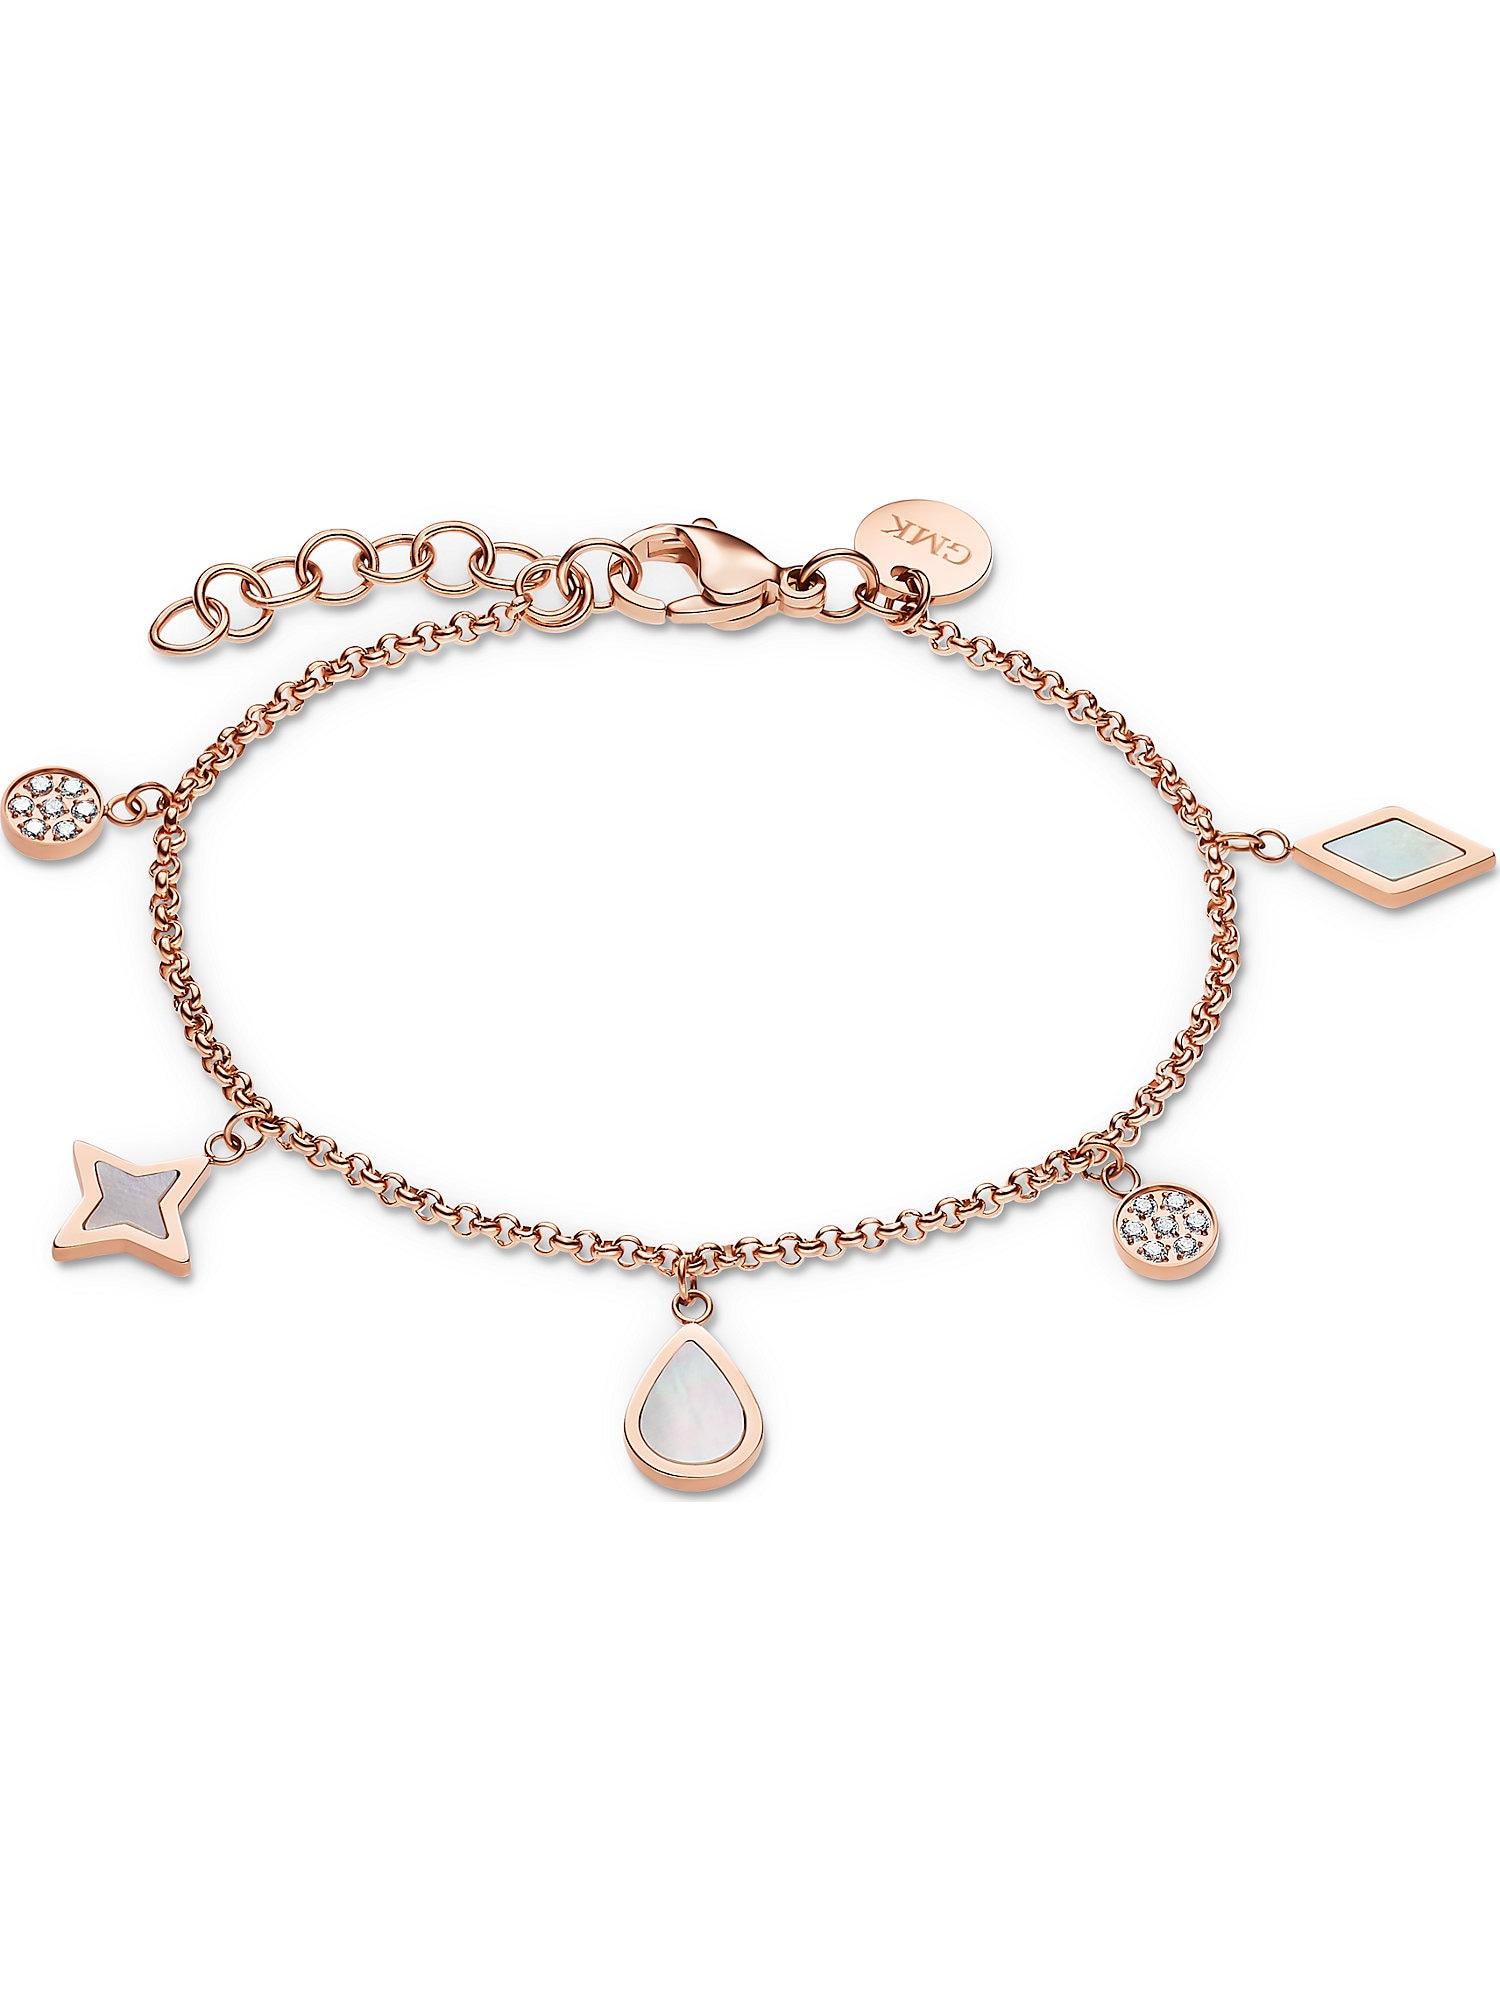 Armband | Schmuck > Armbänder | GMK Collection